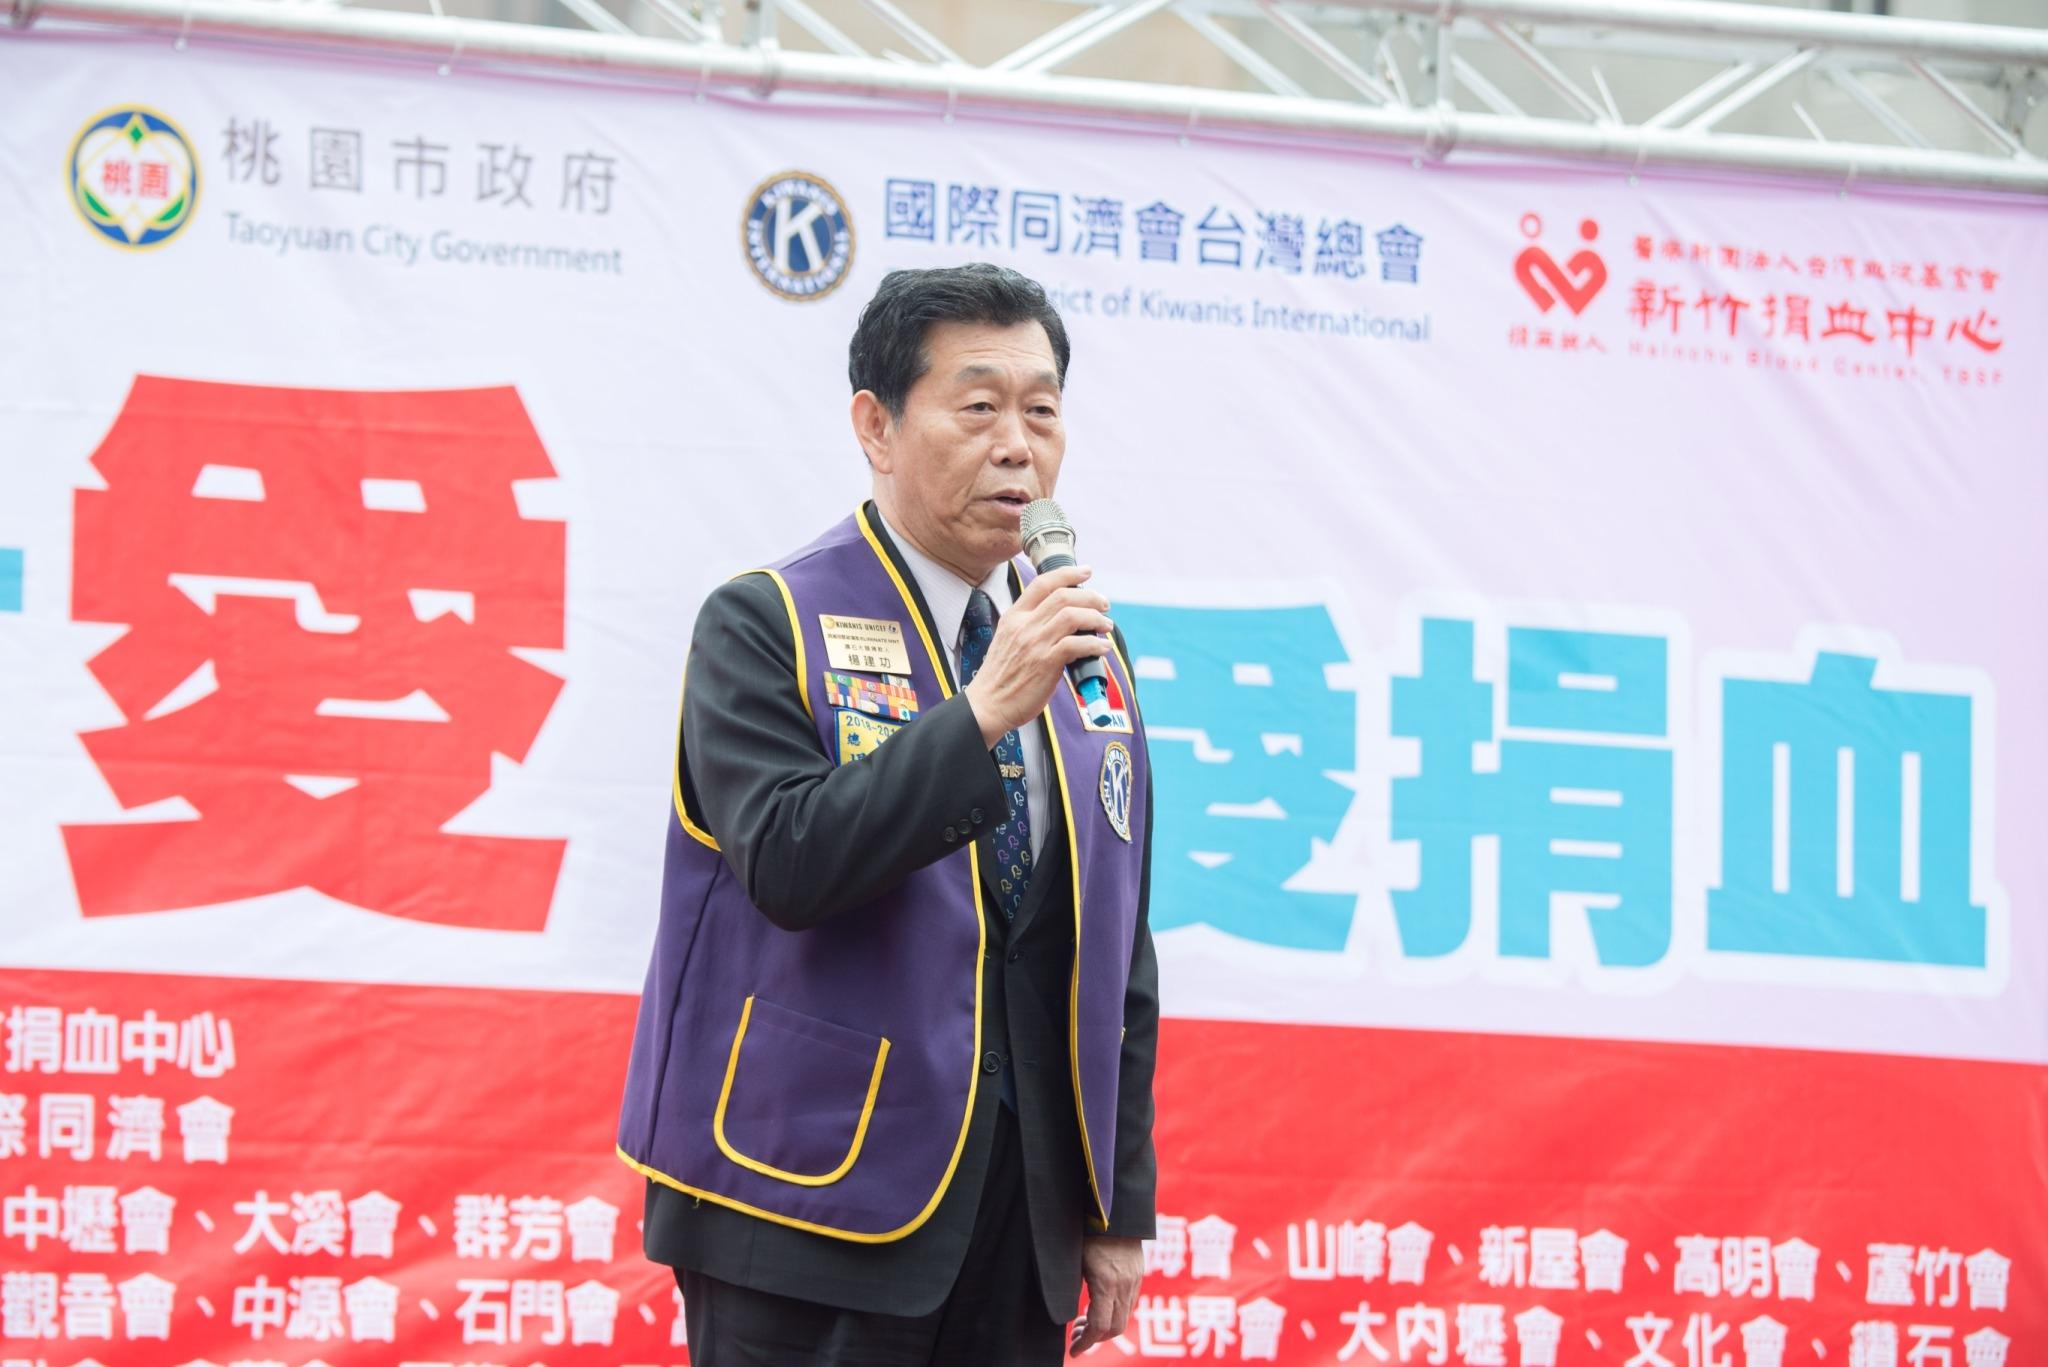 國際同濟會台灣總會總會長楊建功說明活動緣由